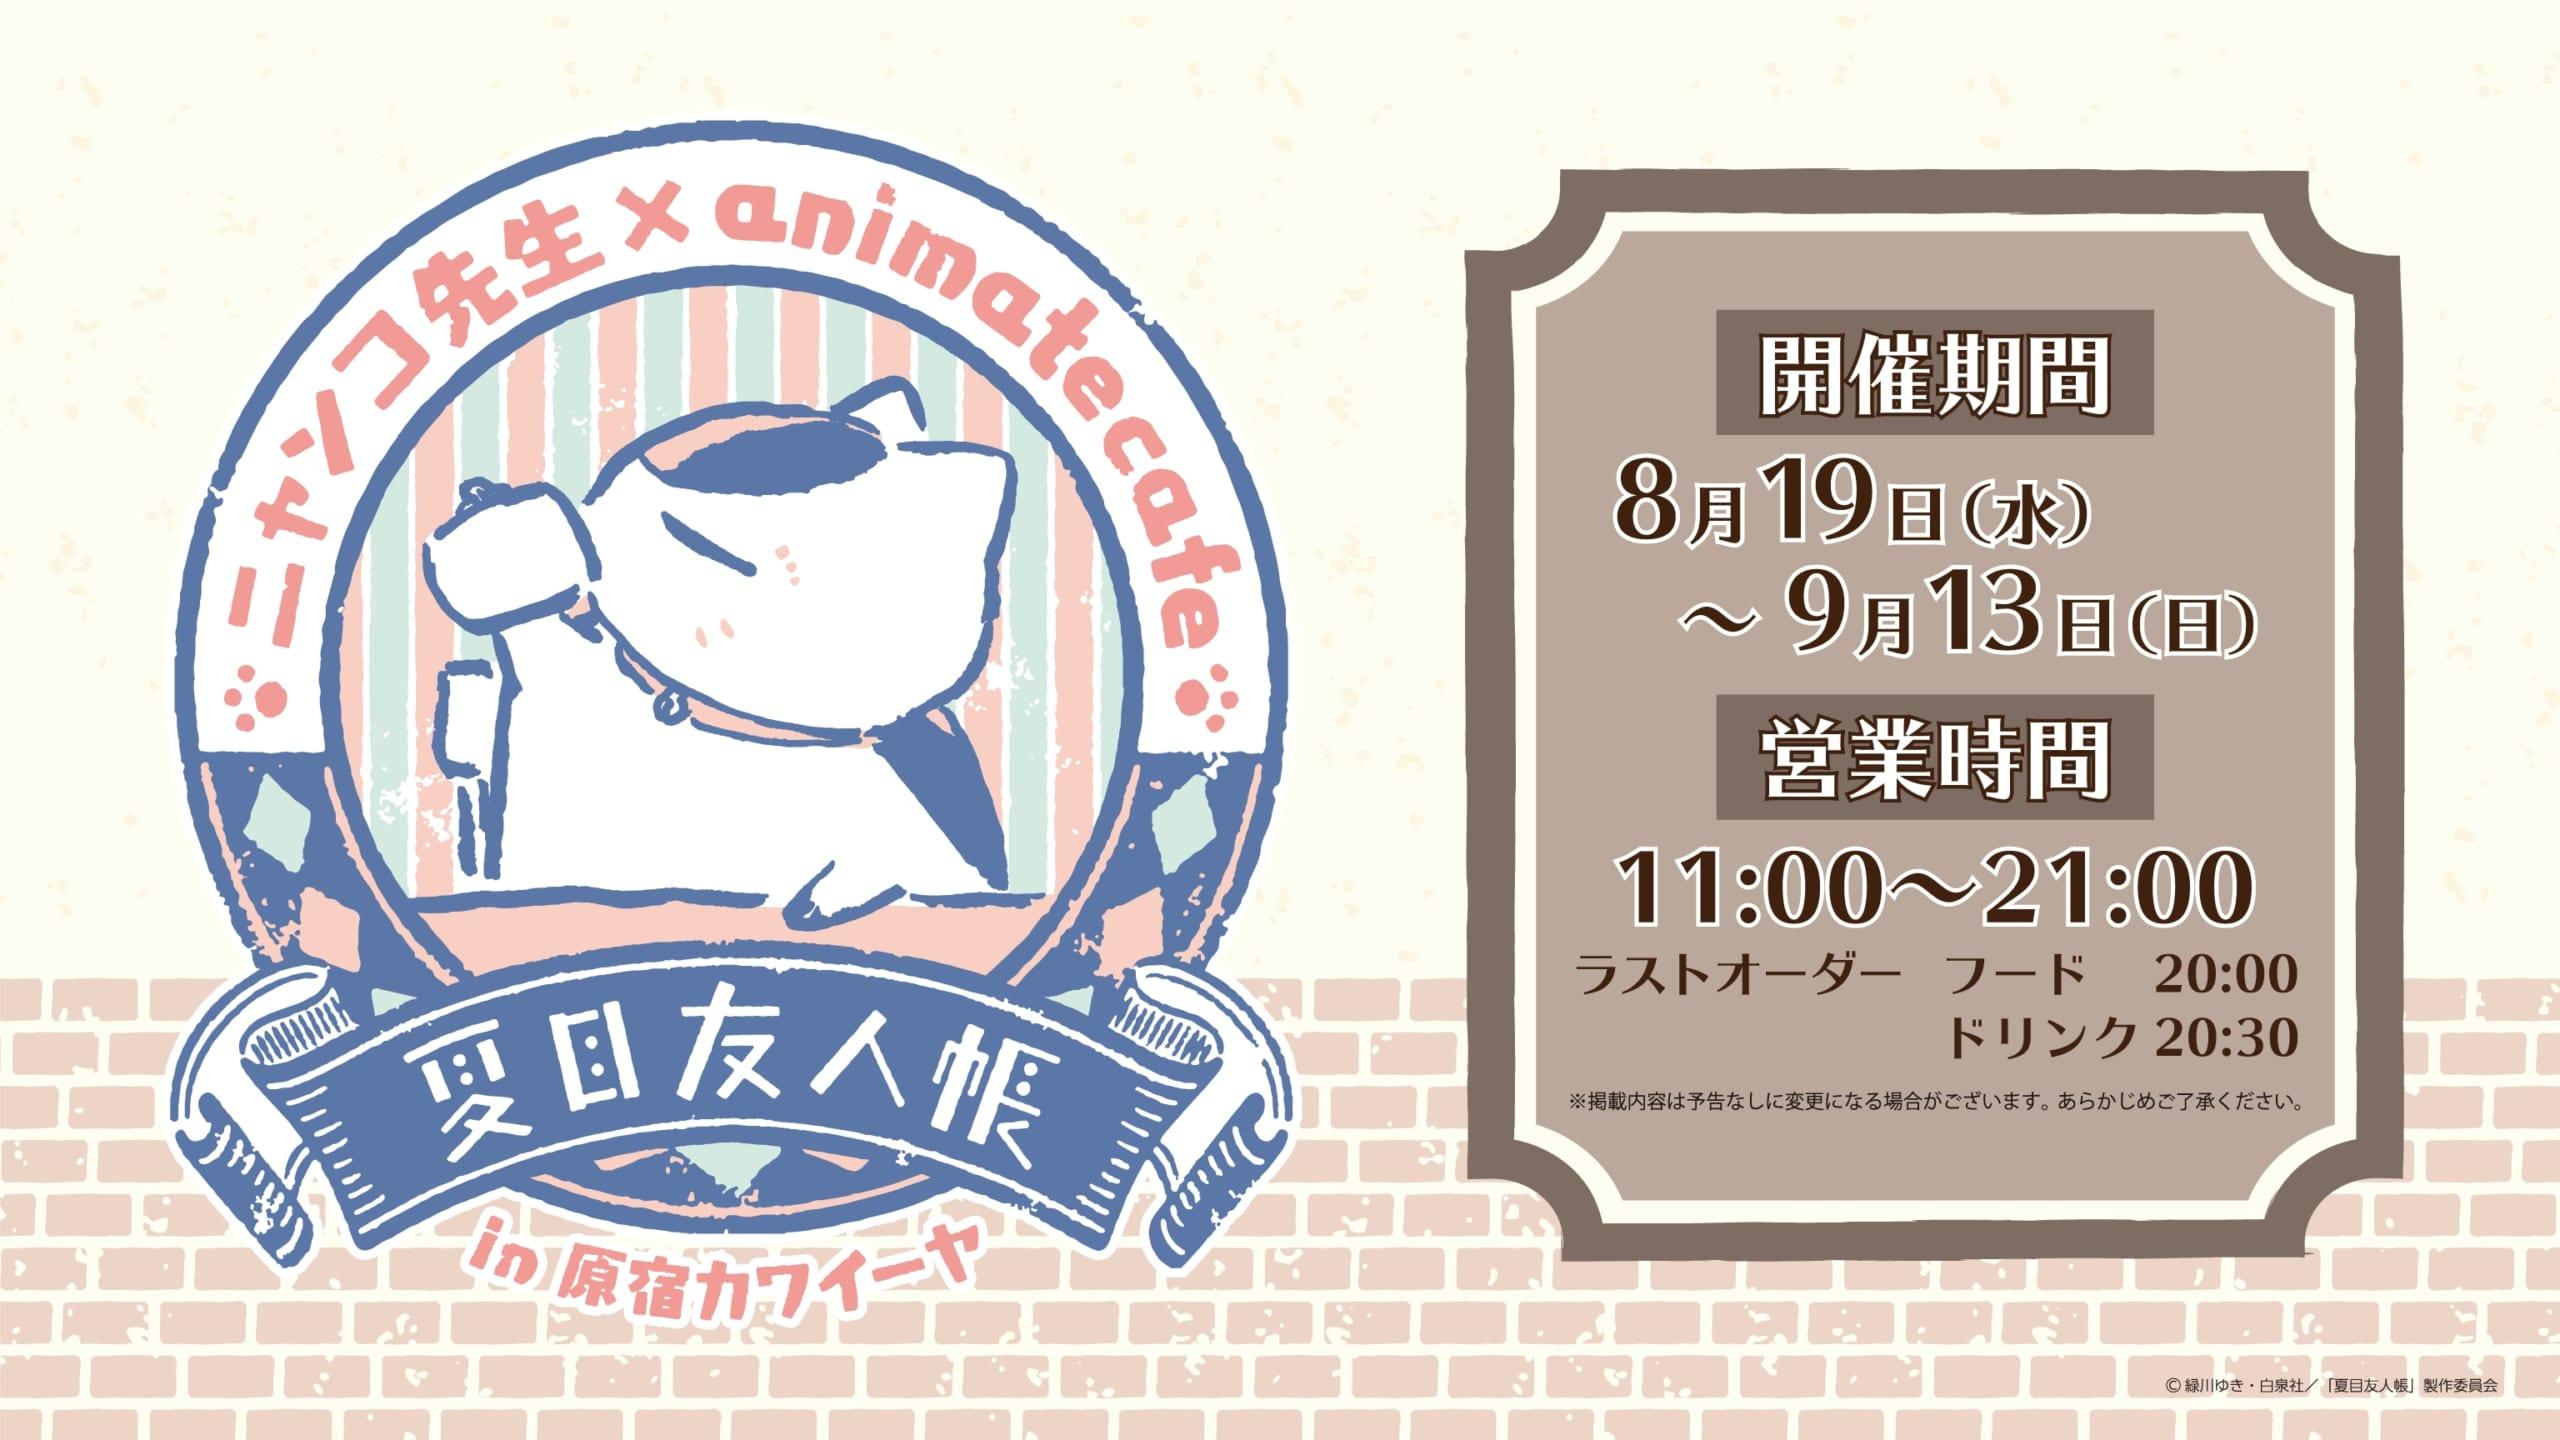 『夏目友人帳』×「カワイーヤ」コラボカフェ開催決定!晩酌セット(ノンアル)などのニャンコ先生らしいメニューが魅力的